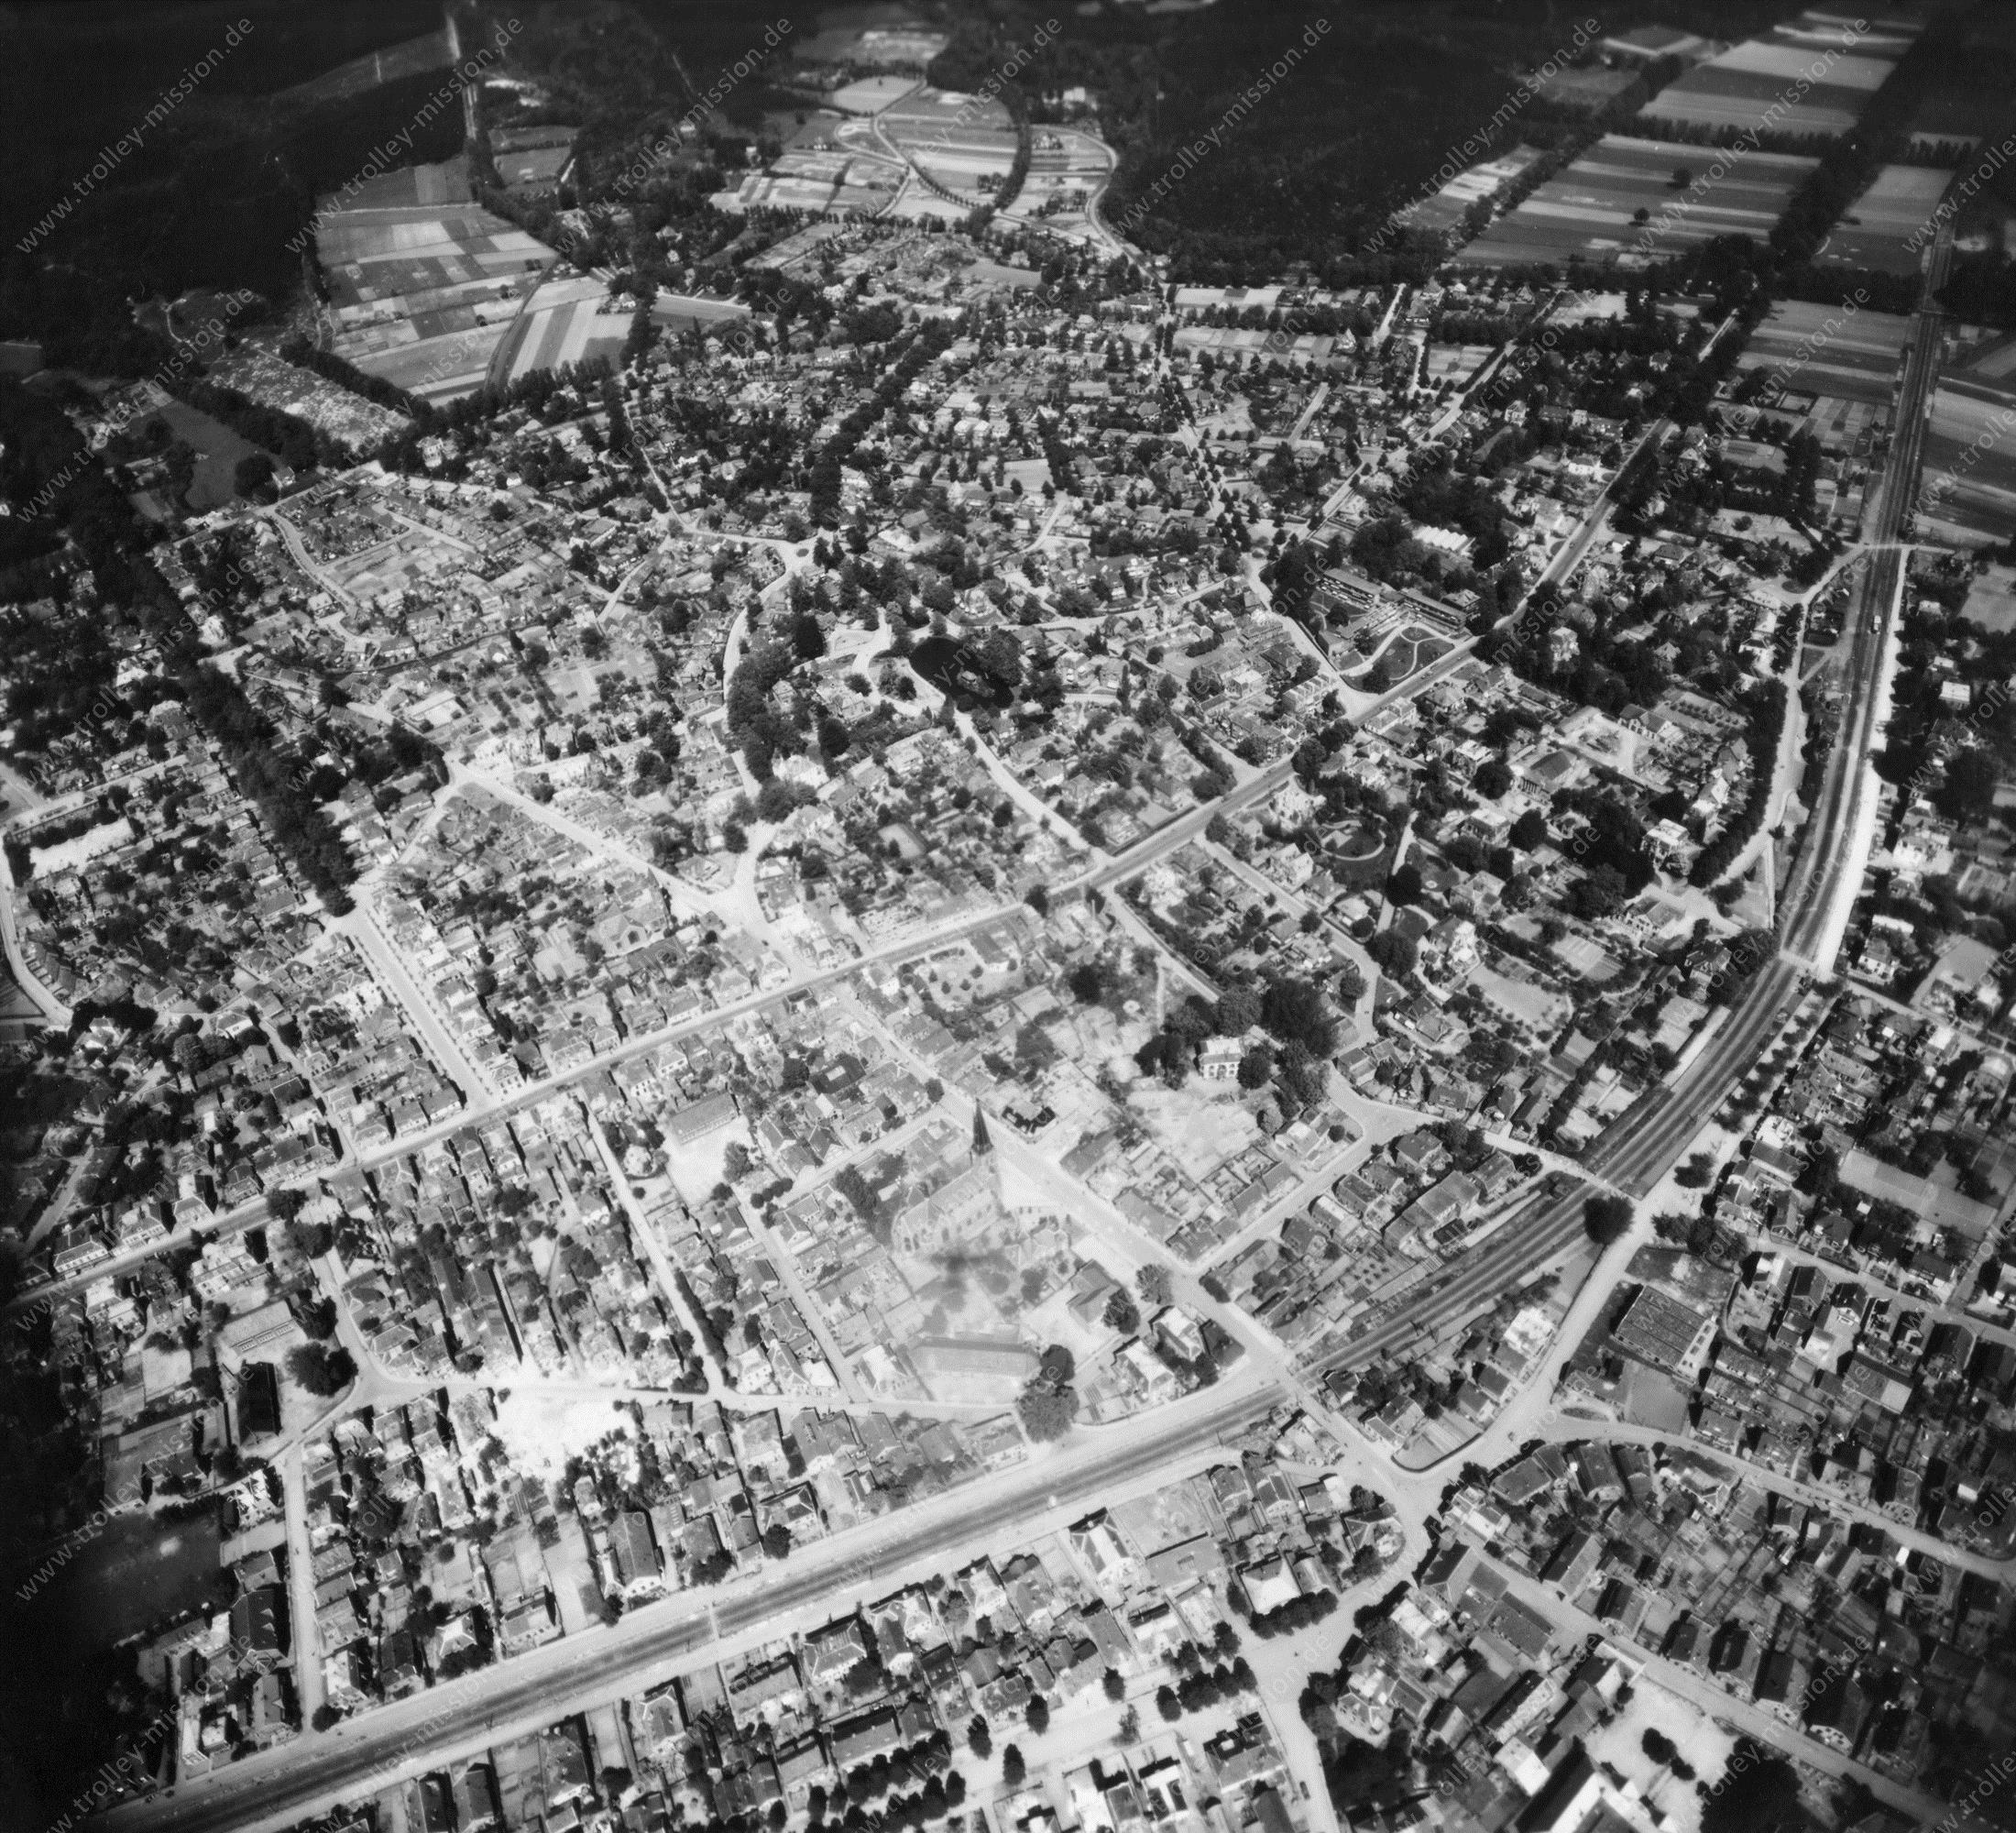 Velp (Gelderland) in de Tweede Wereldoorlog - Luchtopname 4/5 op 12 mei 1945